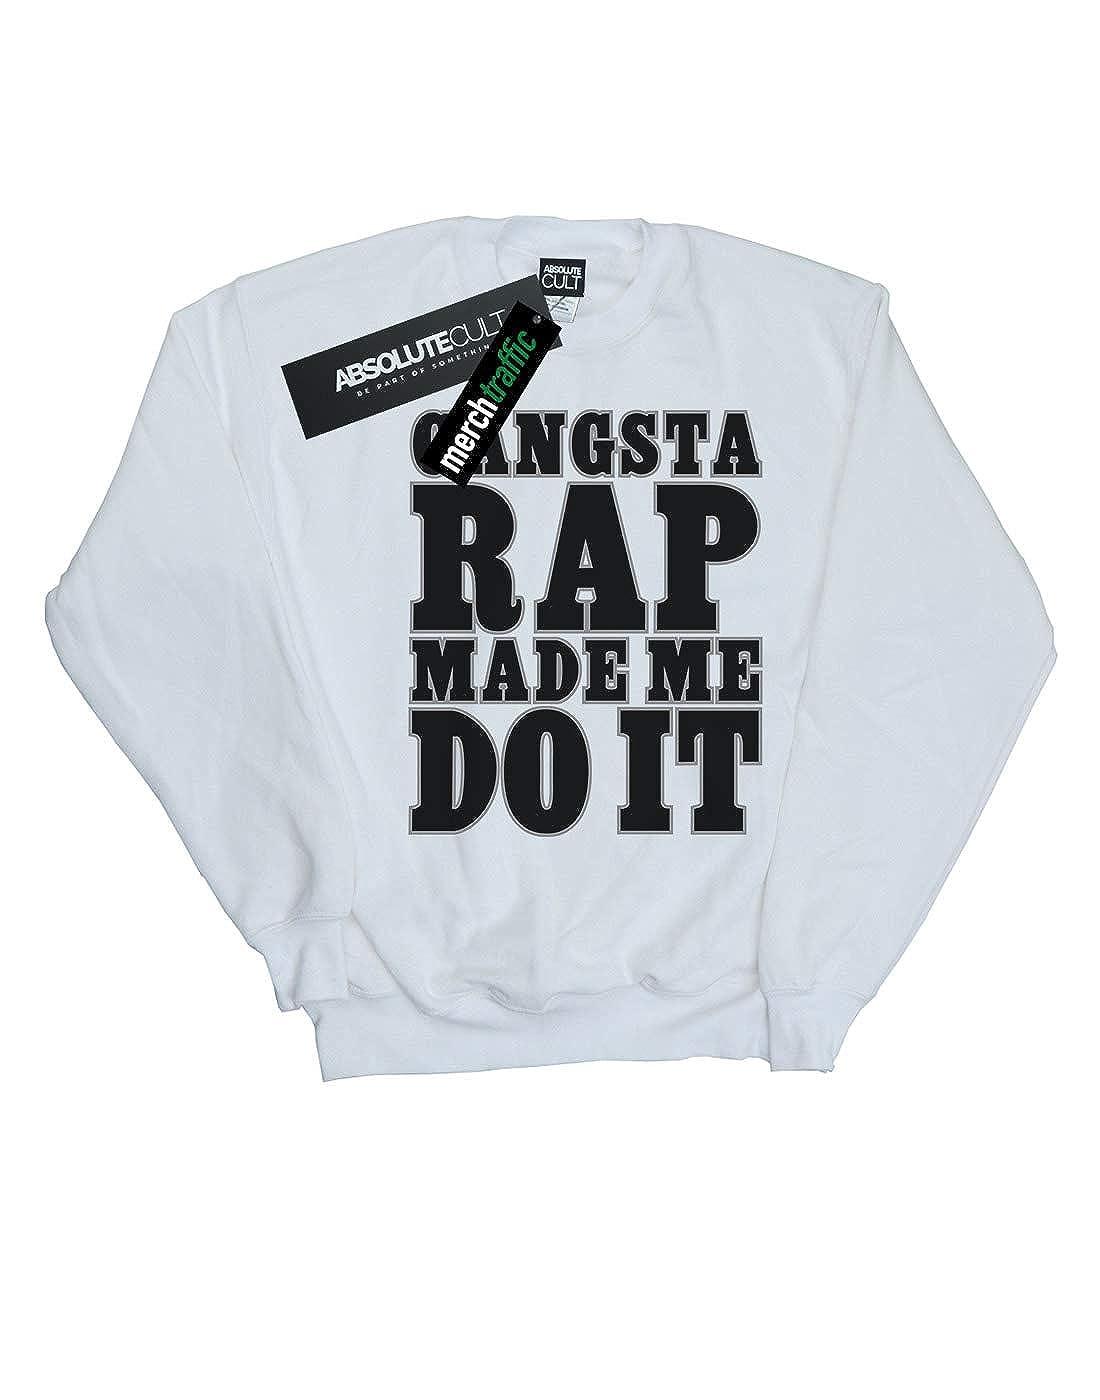 ac81db9b3 Absolute Cult Ice Cube Niñas Gangsta Rap Camisa De Entrenamiento   Amazon.es  Ropa y accesorios